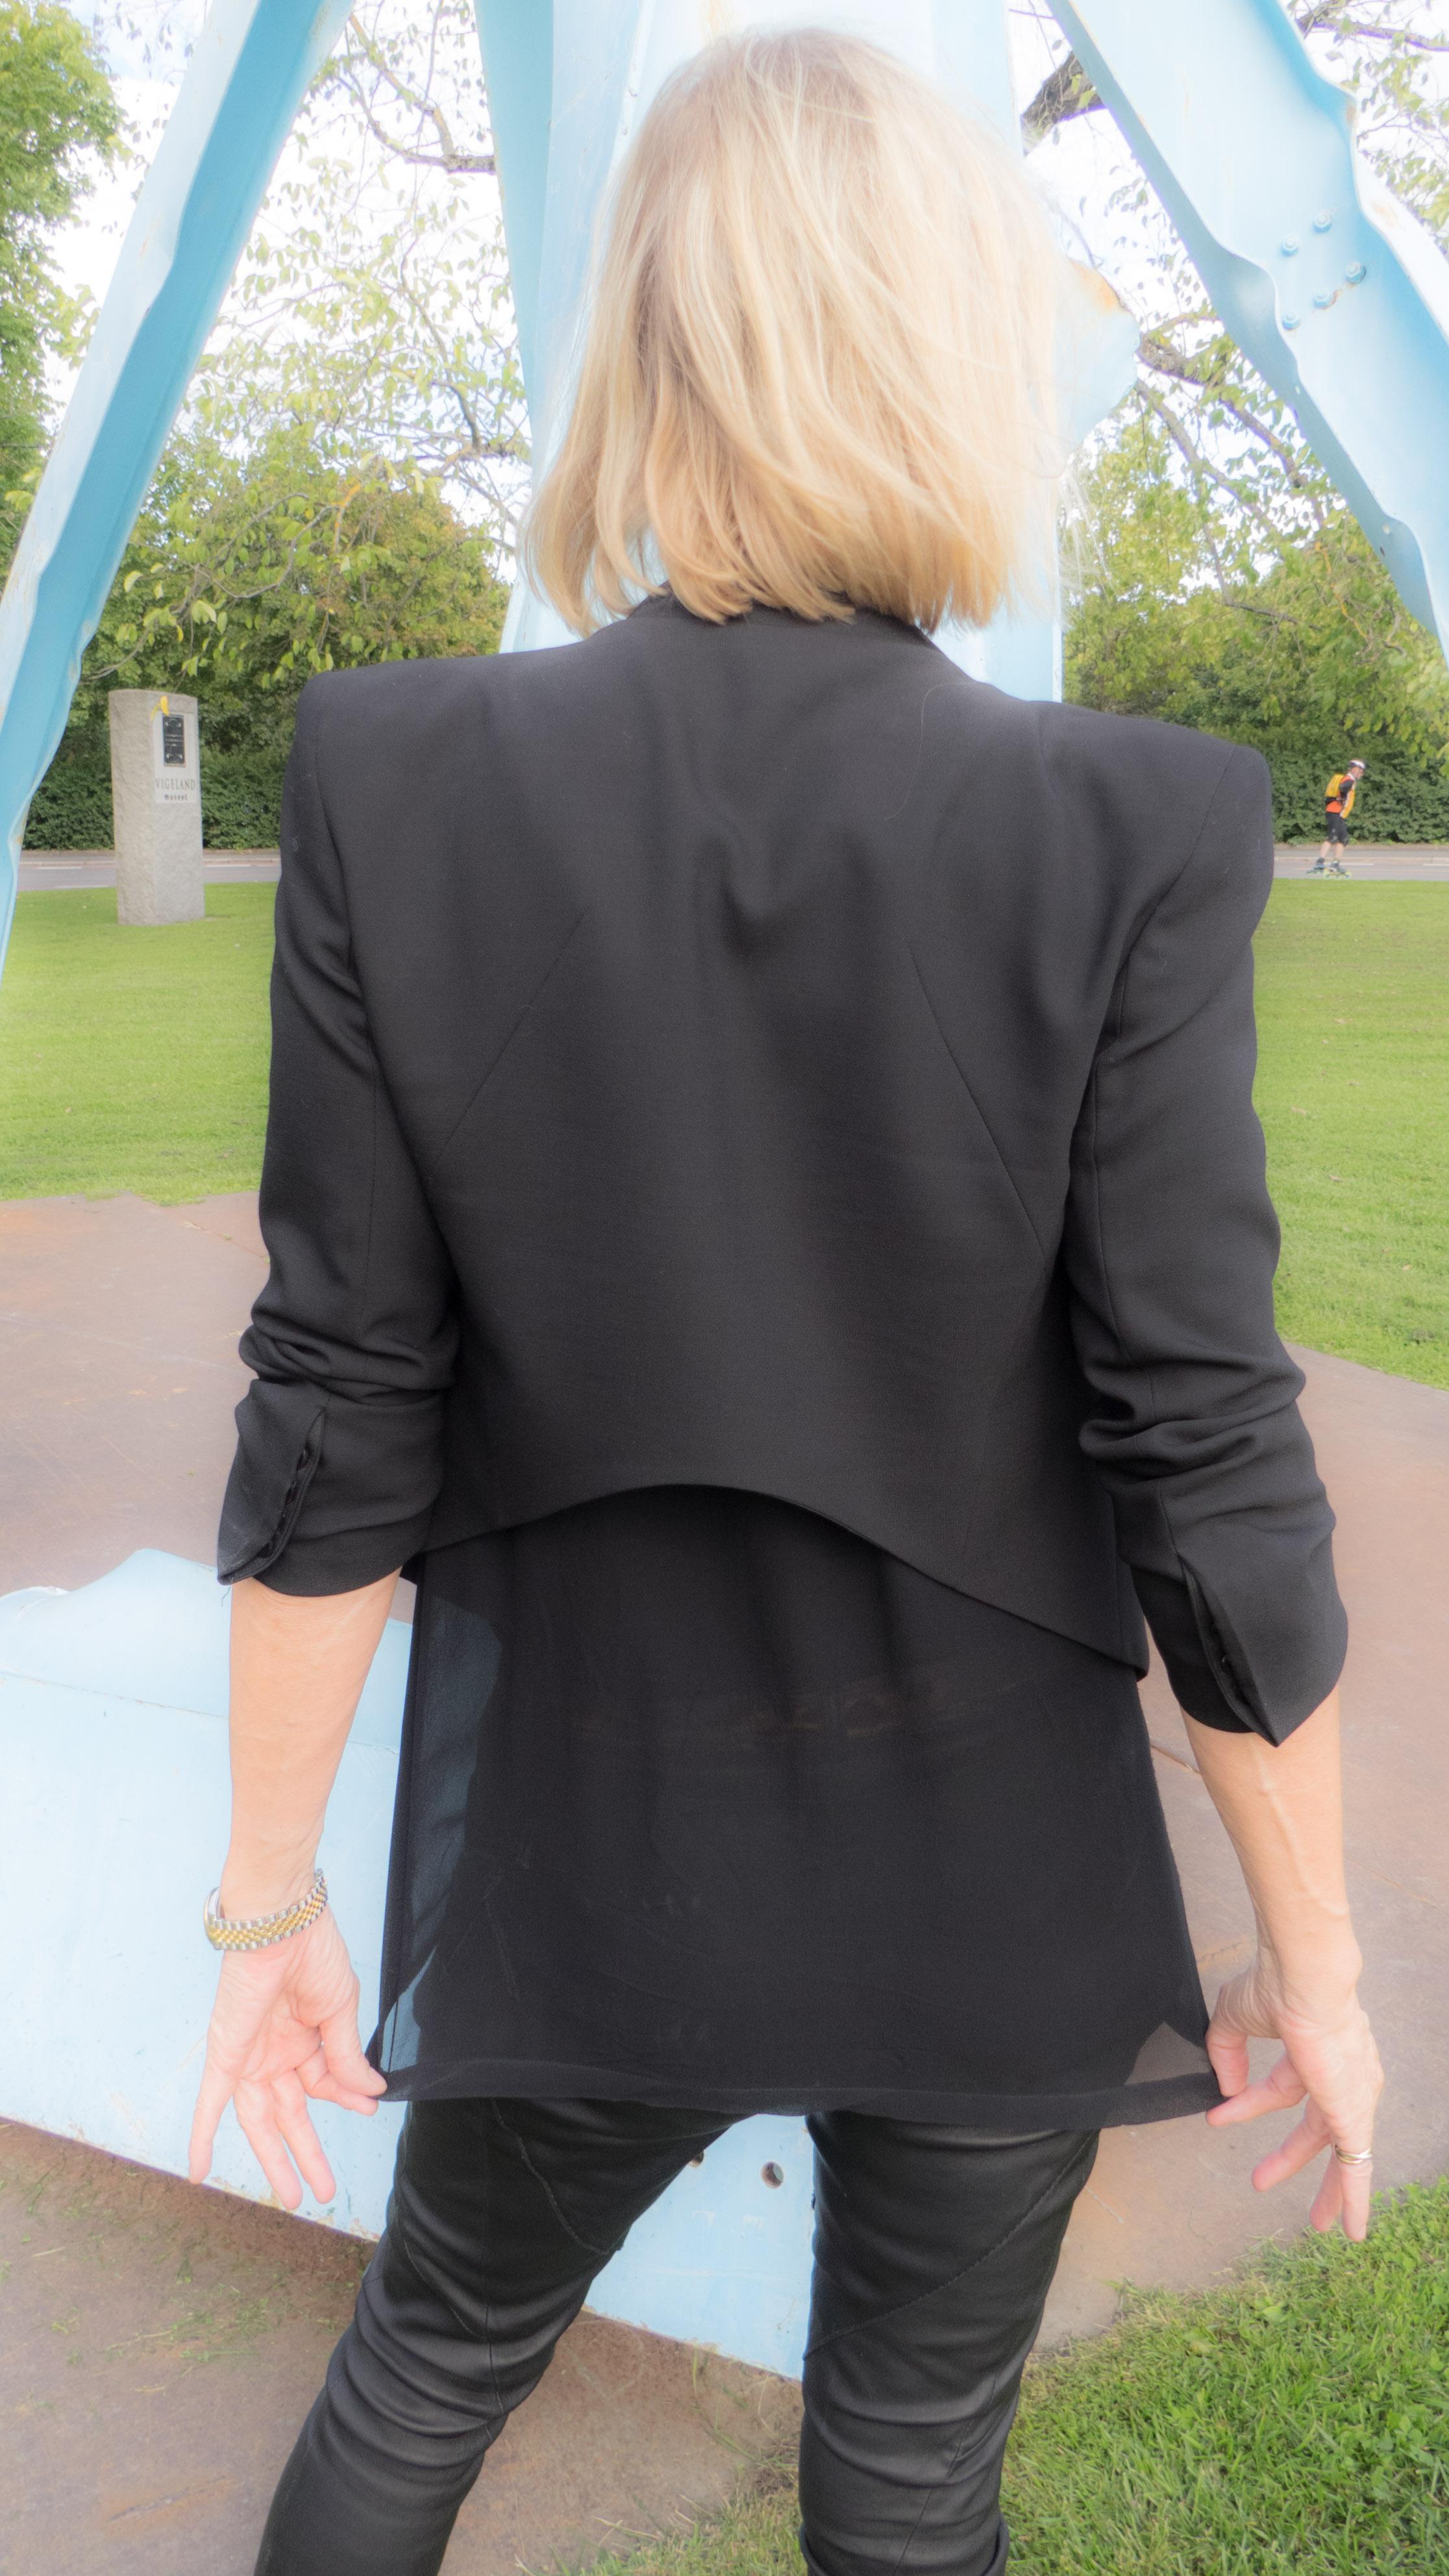 Toppen går akkurat passe langt nedenfor jakken, som er akkurat passe innsvinget. Og de smale skinnbuksene er i såpass kraftig, mykt skinn at de ikke klistrer seg til bena.